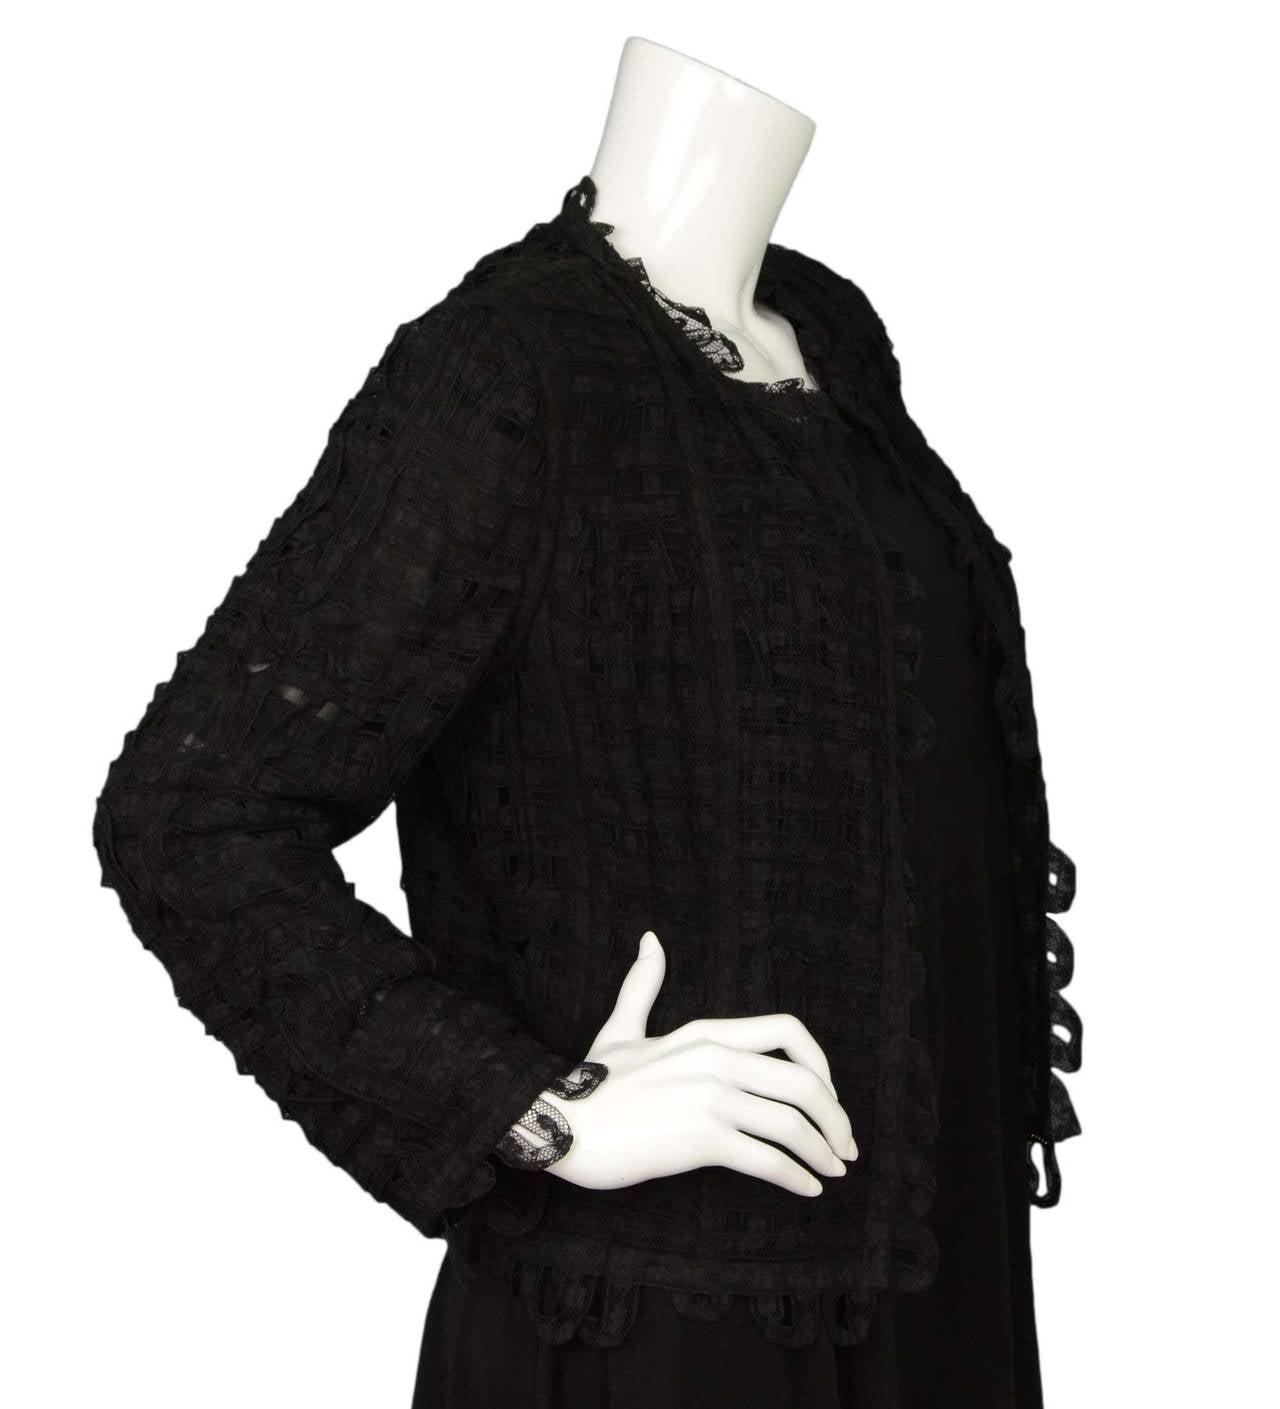 CHANEL Black Lace Open Front Jacket sz M 2